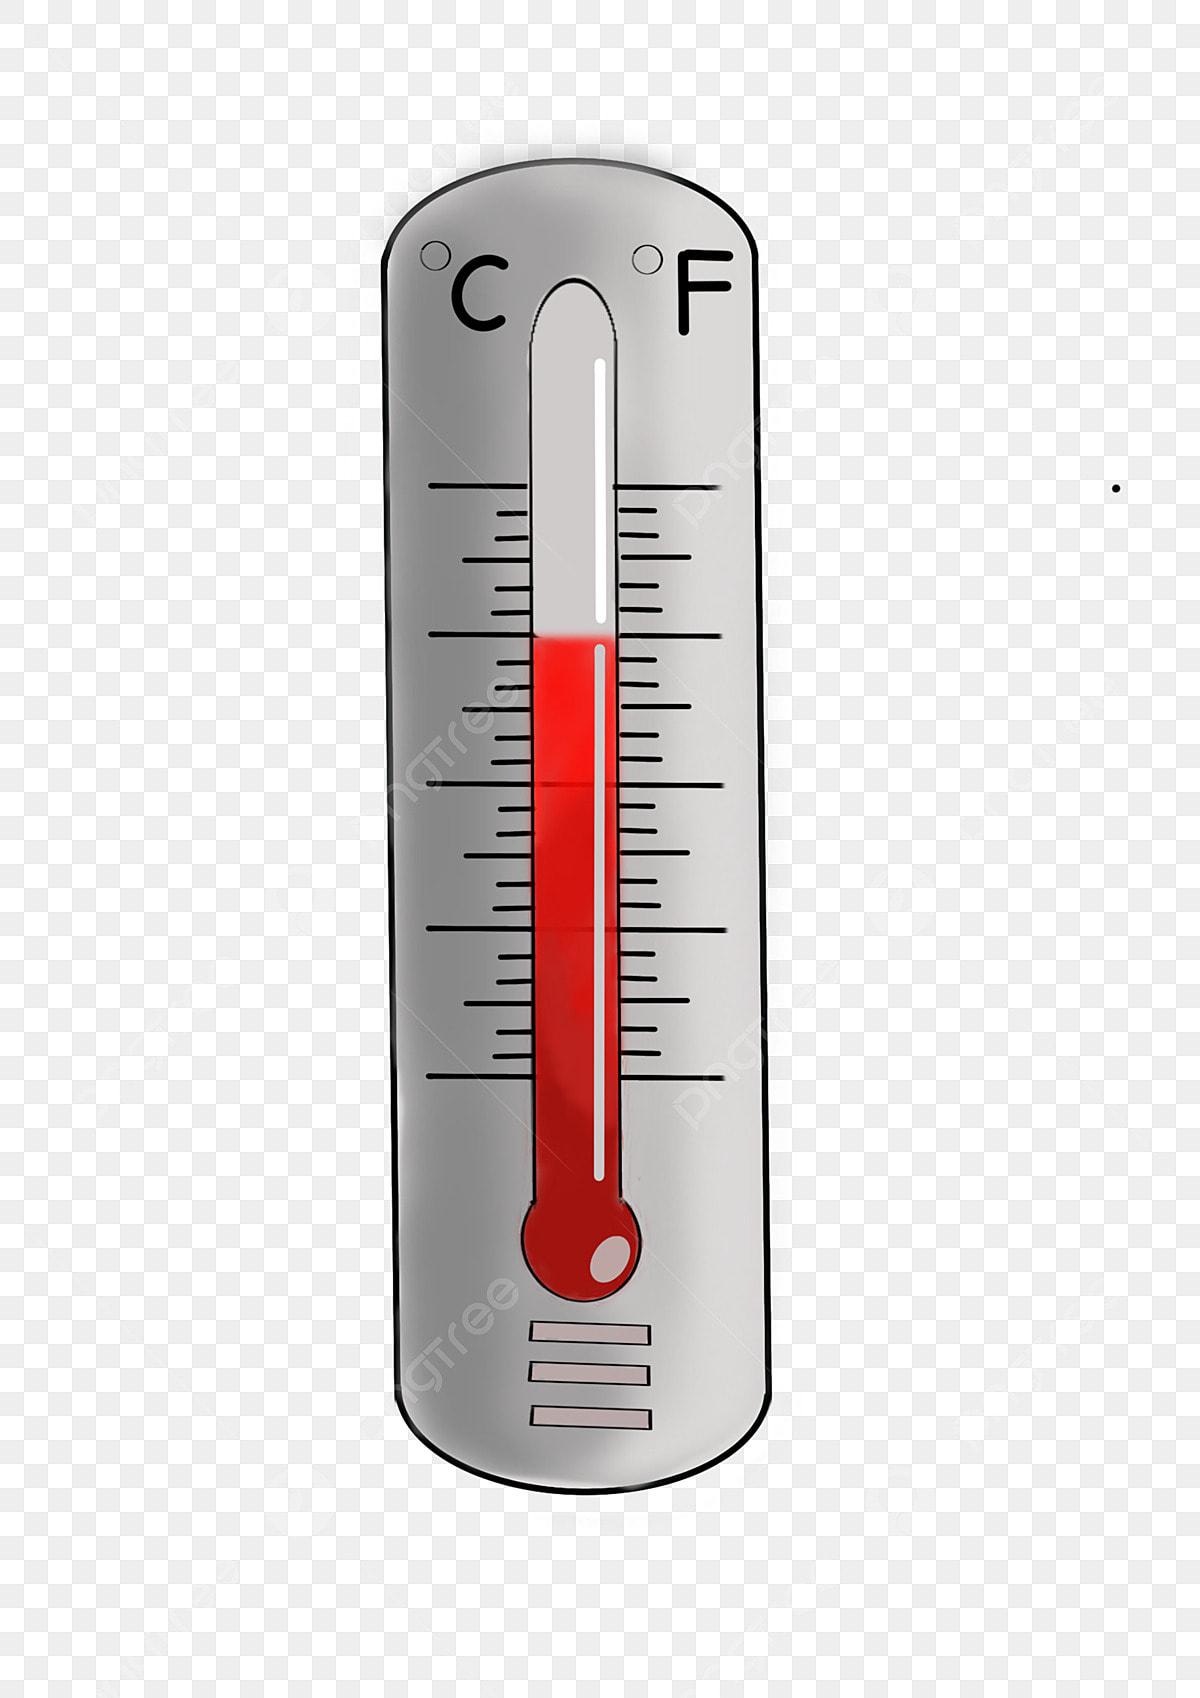 Termometro Quimico – Trova una vasta selezione di termometro digitale febbre a prezzi vantaggiosi su ebay.